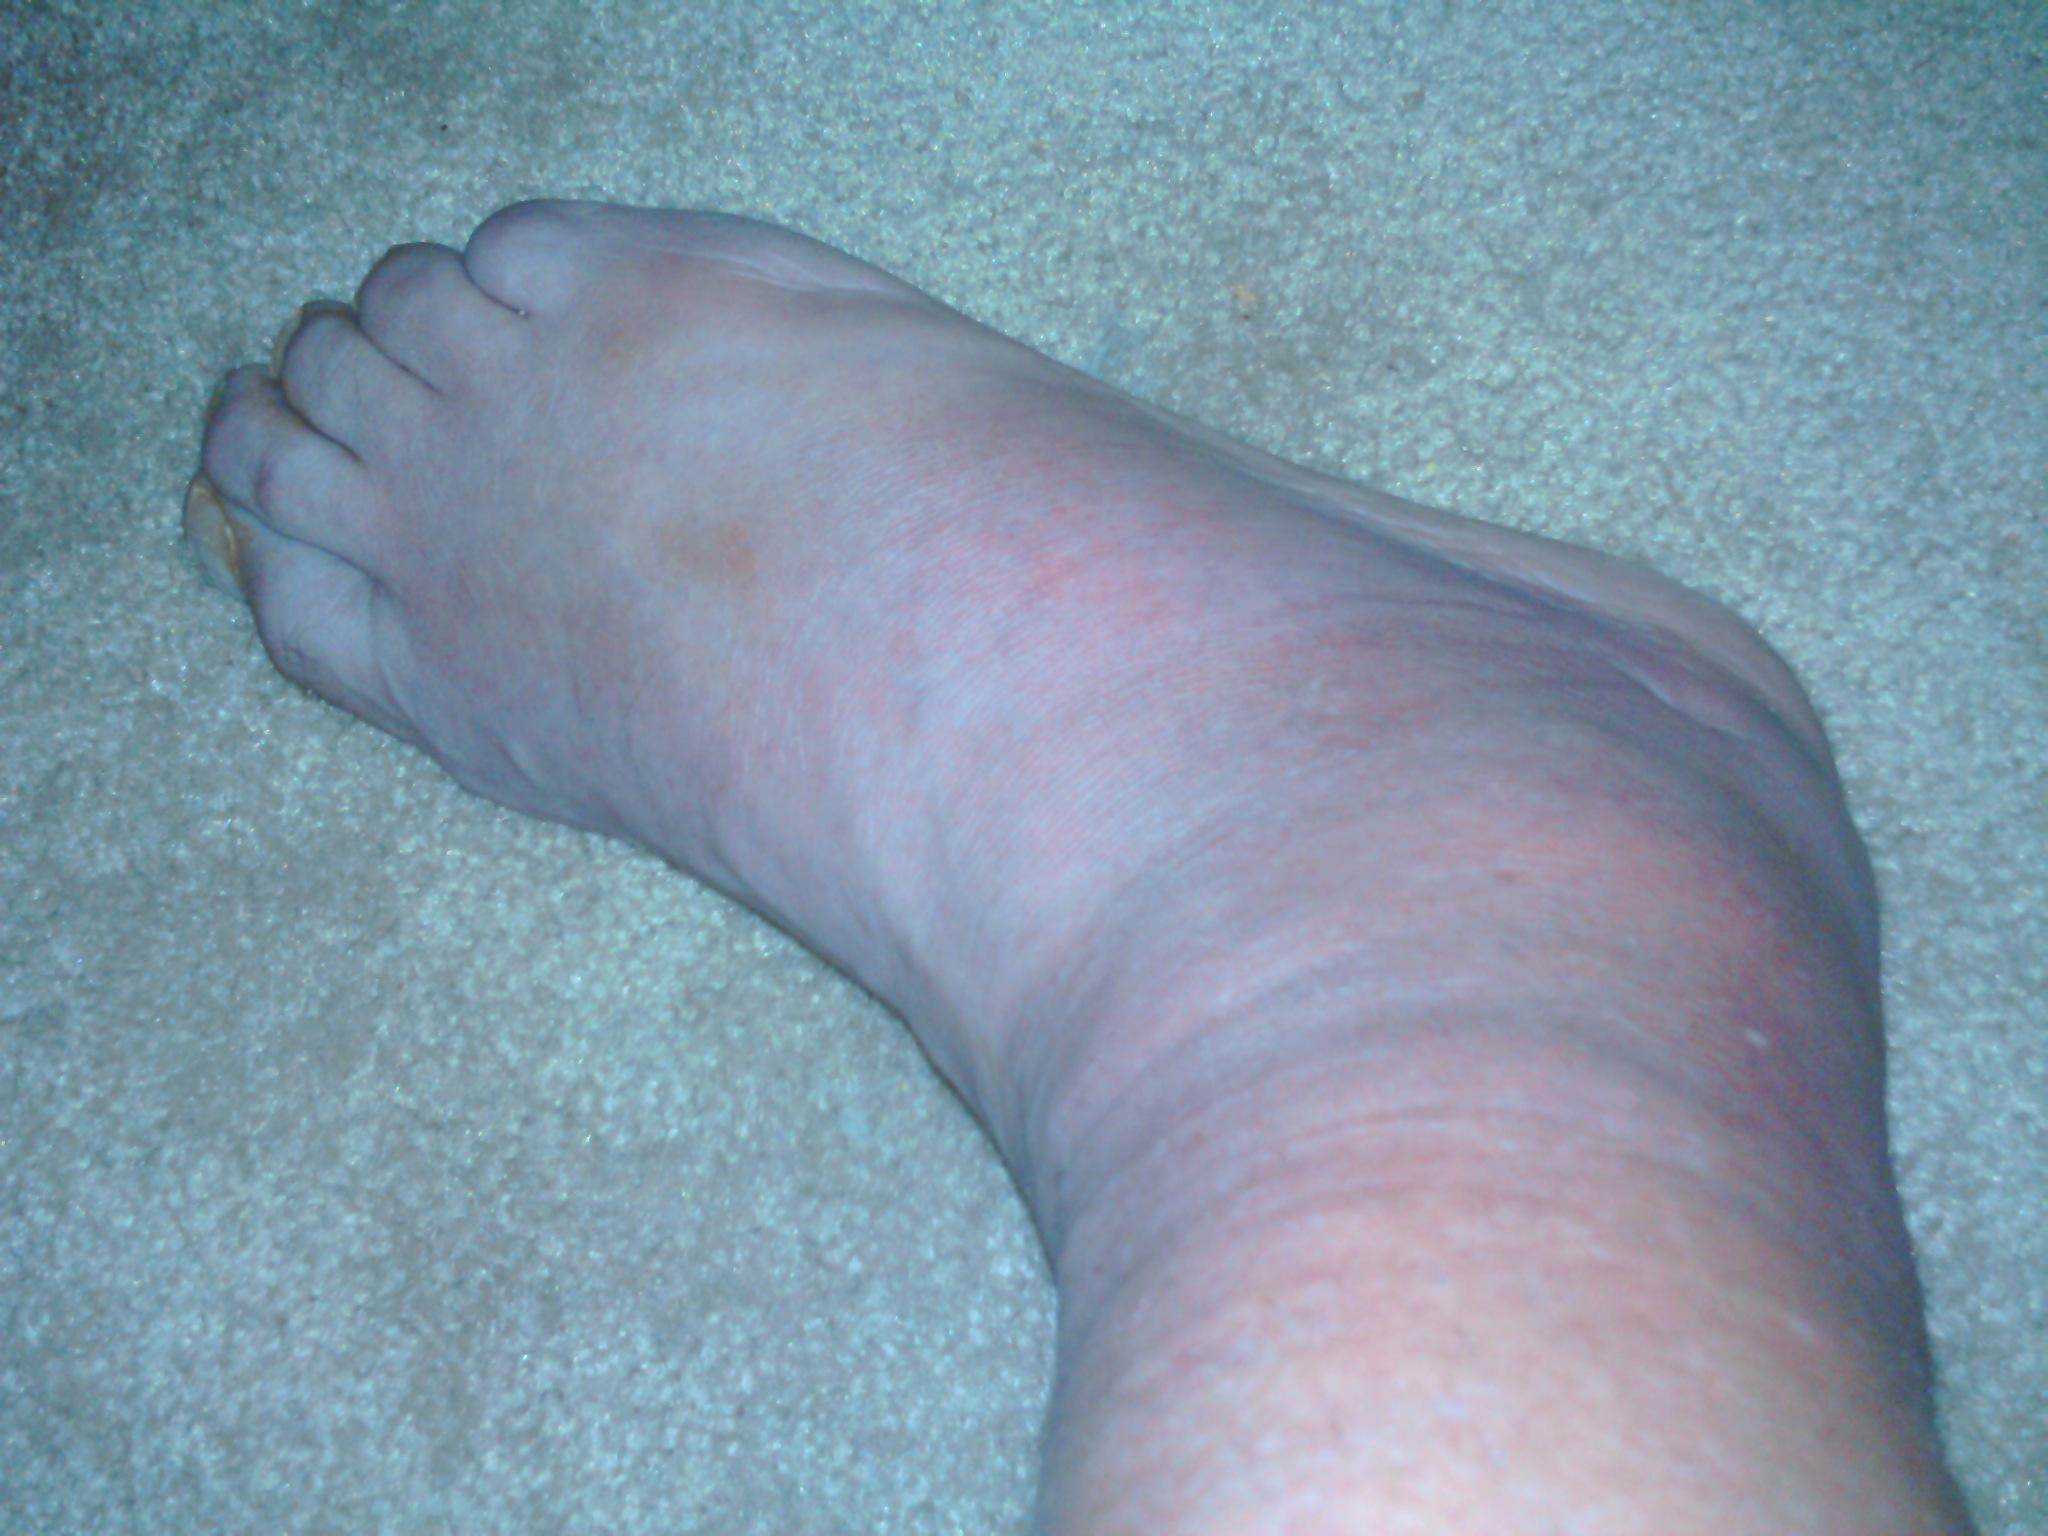 achilles tendon debridement and prp